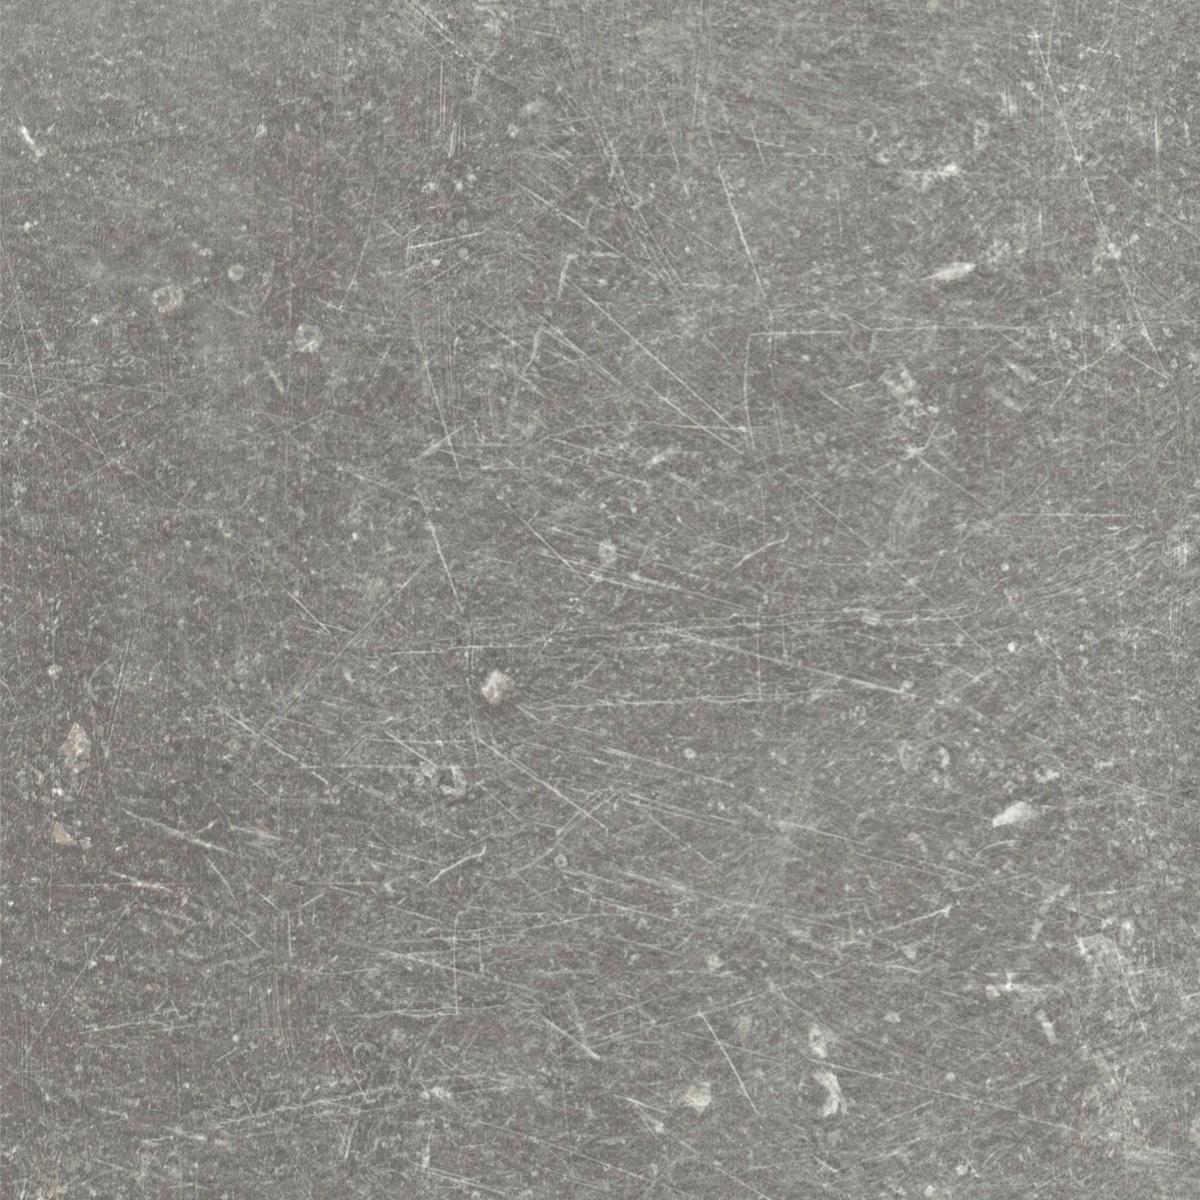 Ausschnitt der Sela Tischplatte Scratched Grey.